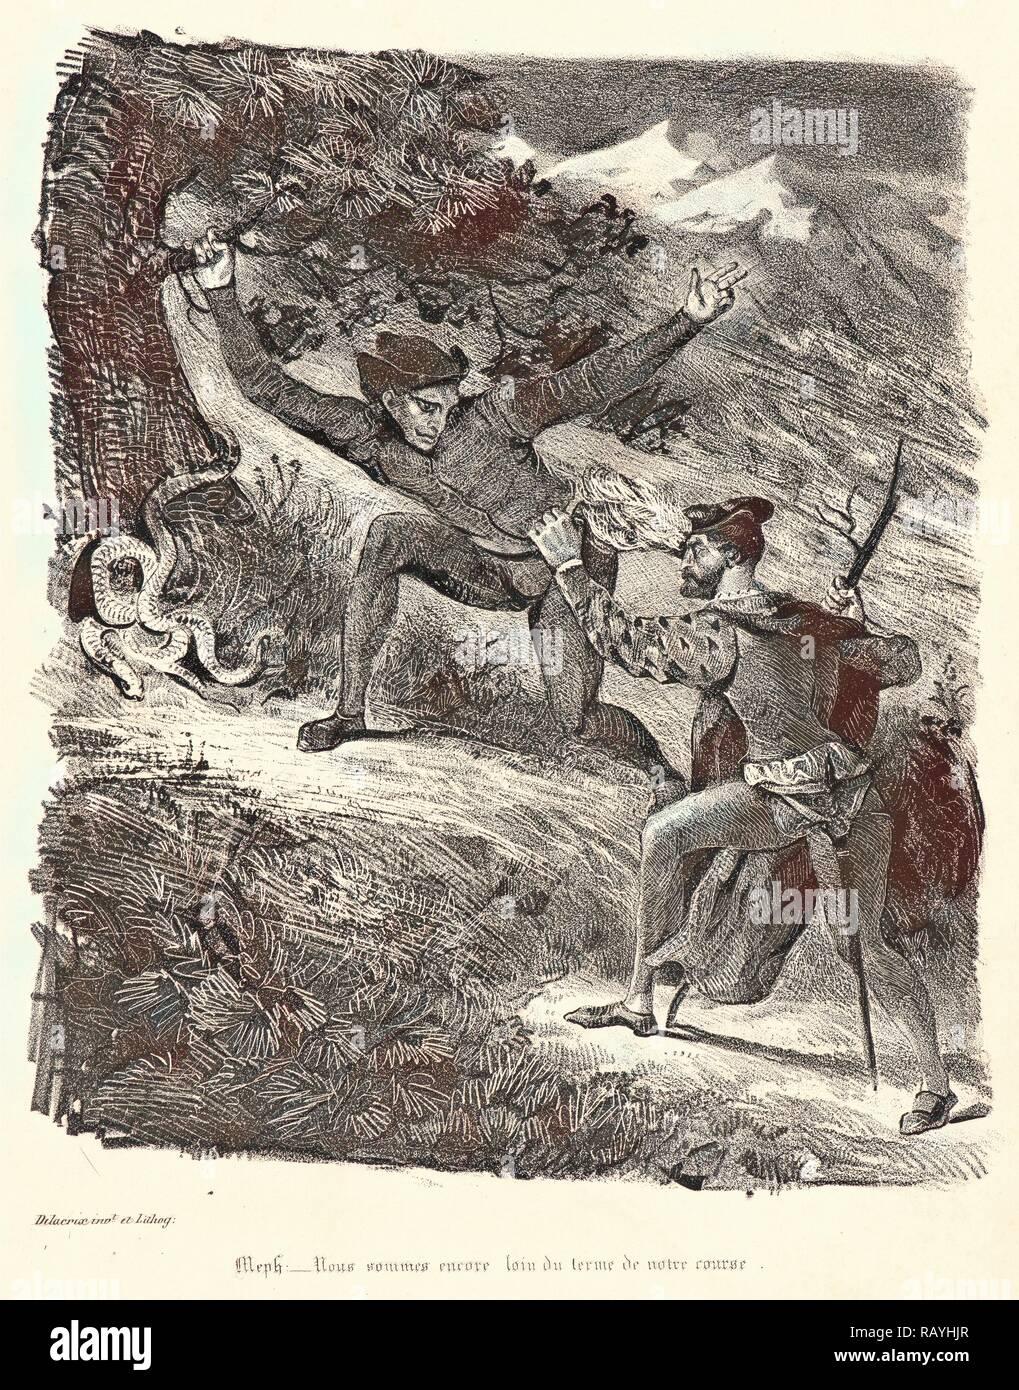 Eugène Delacroix (French, 1798 - 1863). Faust and Mephistopheles in the Hartz Mountains (Faust et Méphistophélès dans reimagined - Stock Image